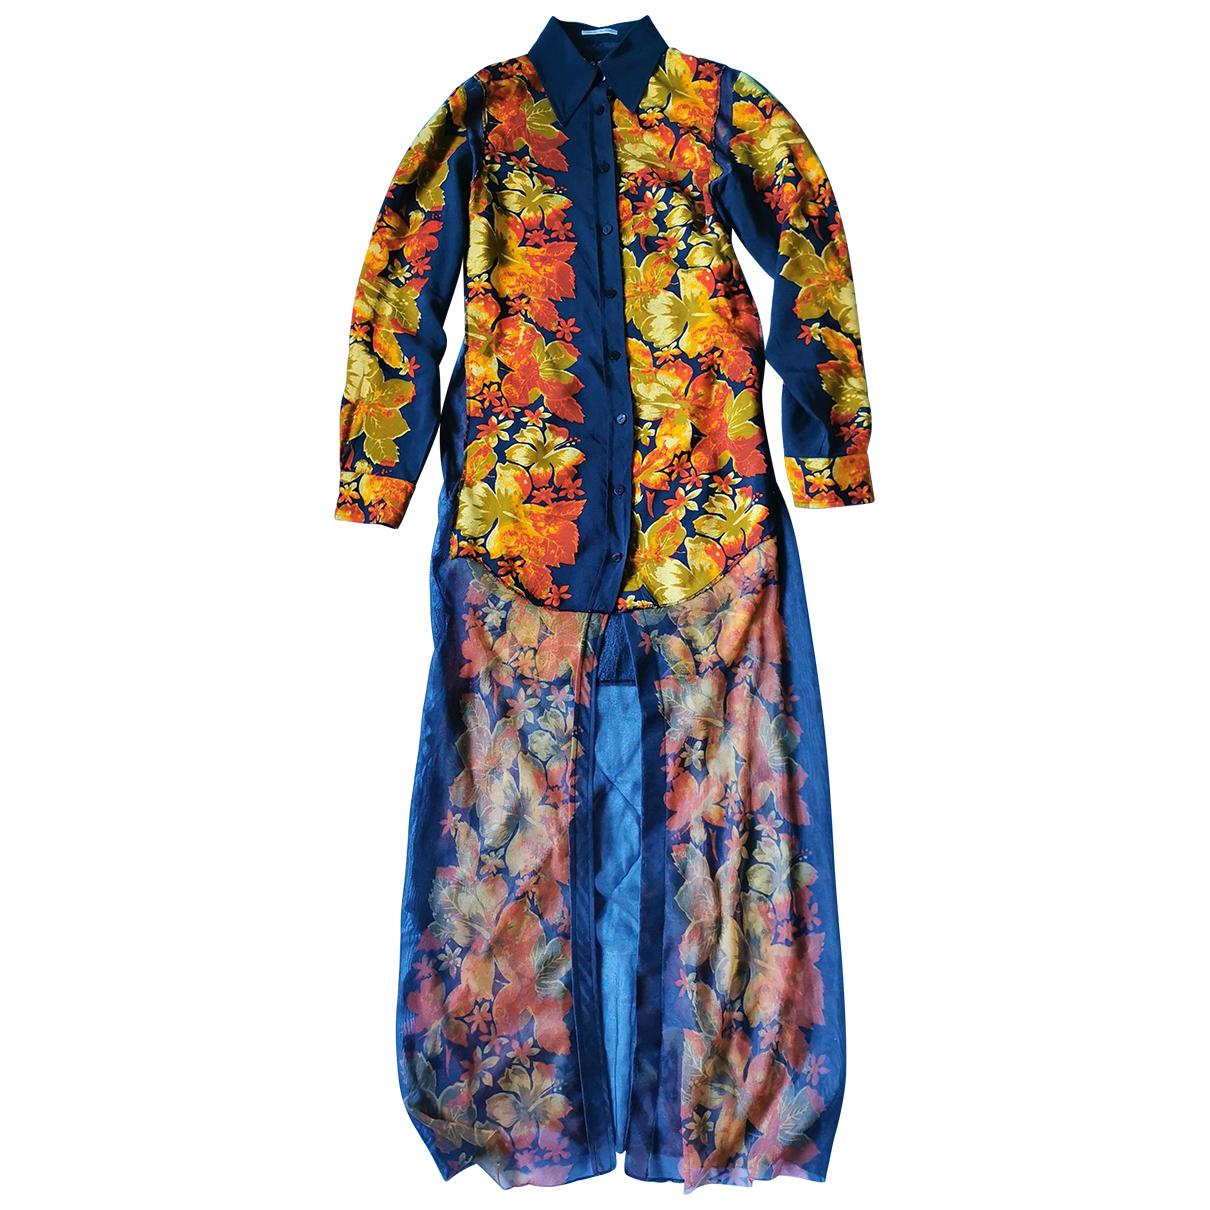 Jean Paul Gaultier N Multicolour dress for Women 38 FR